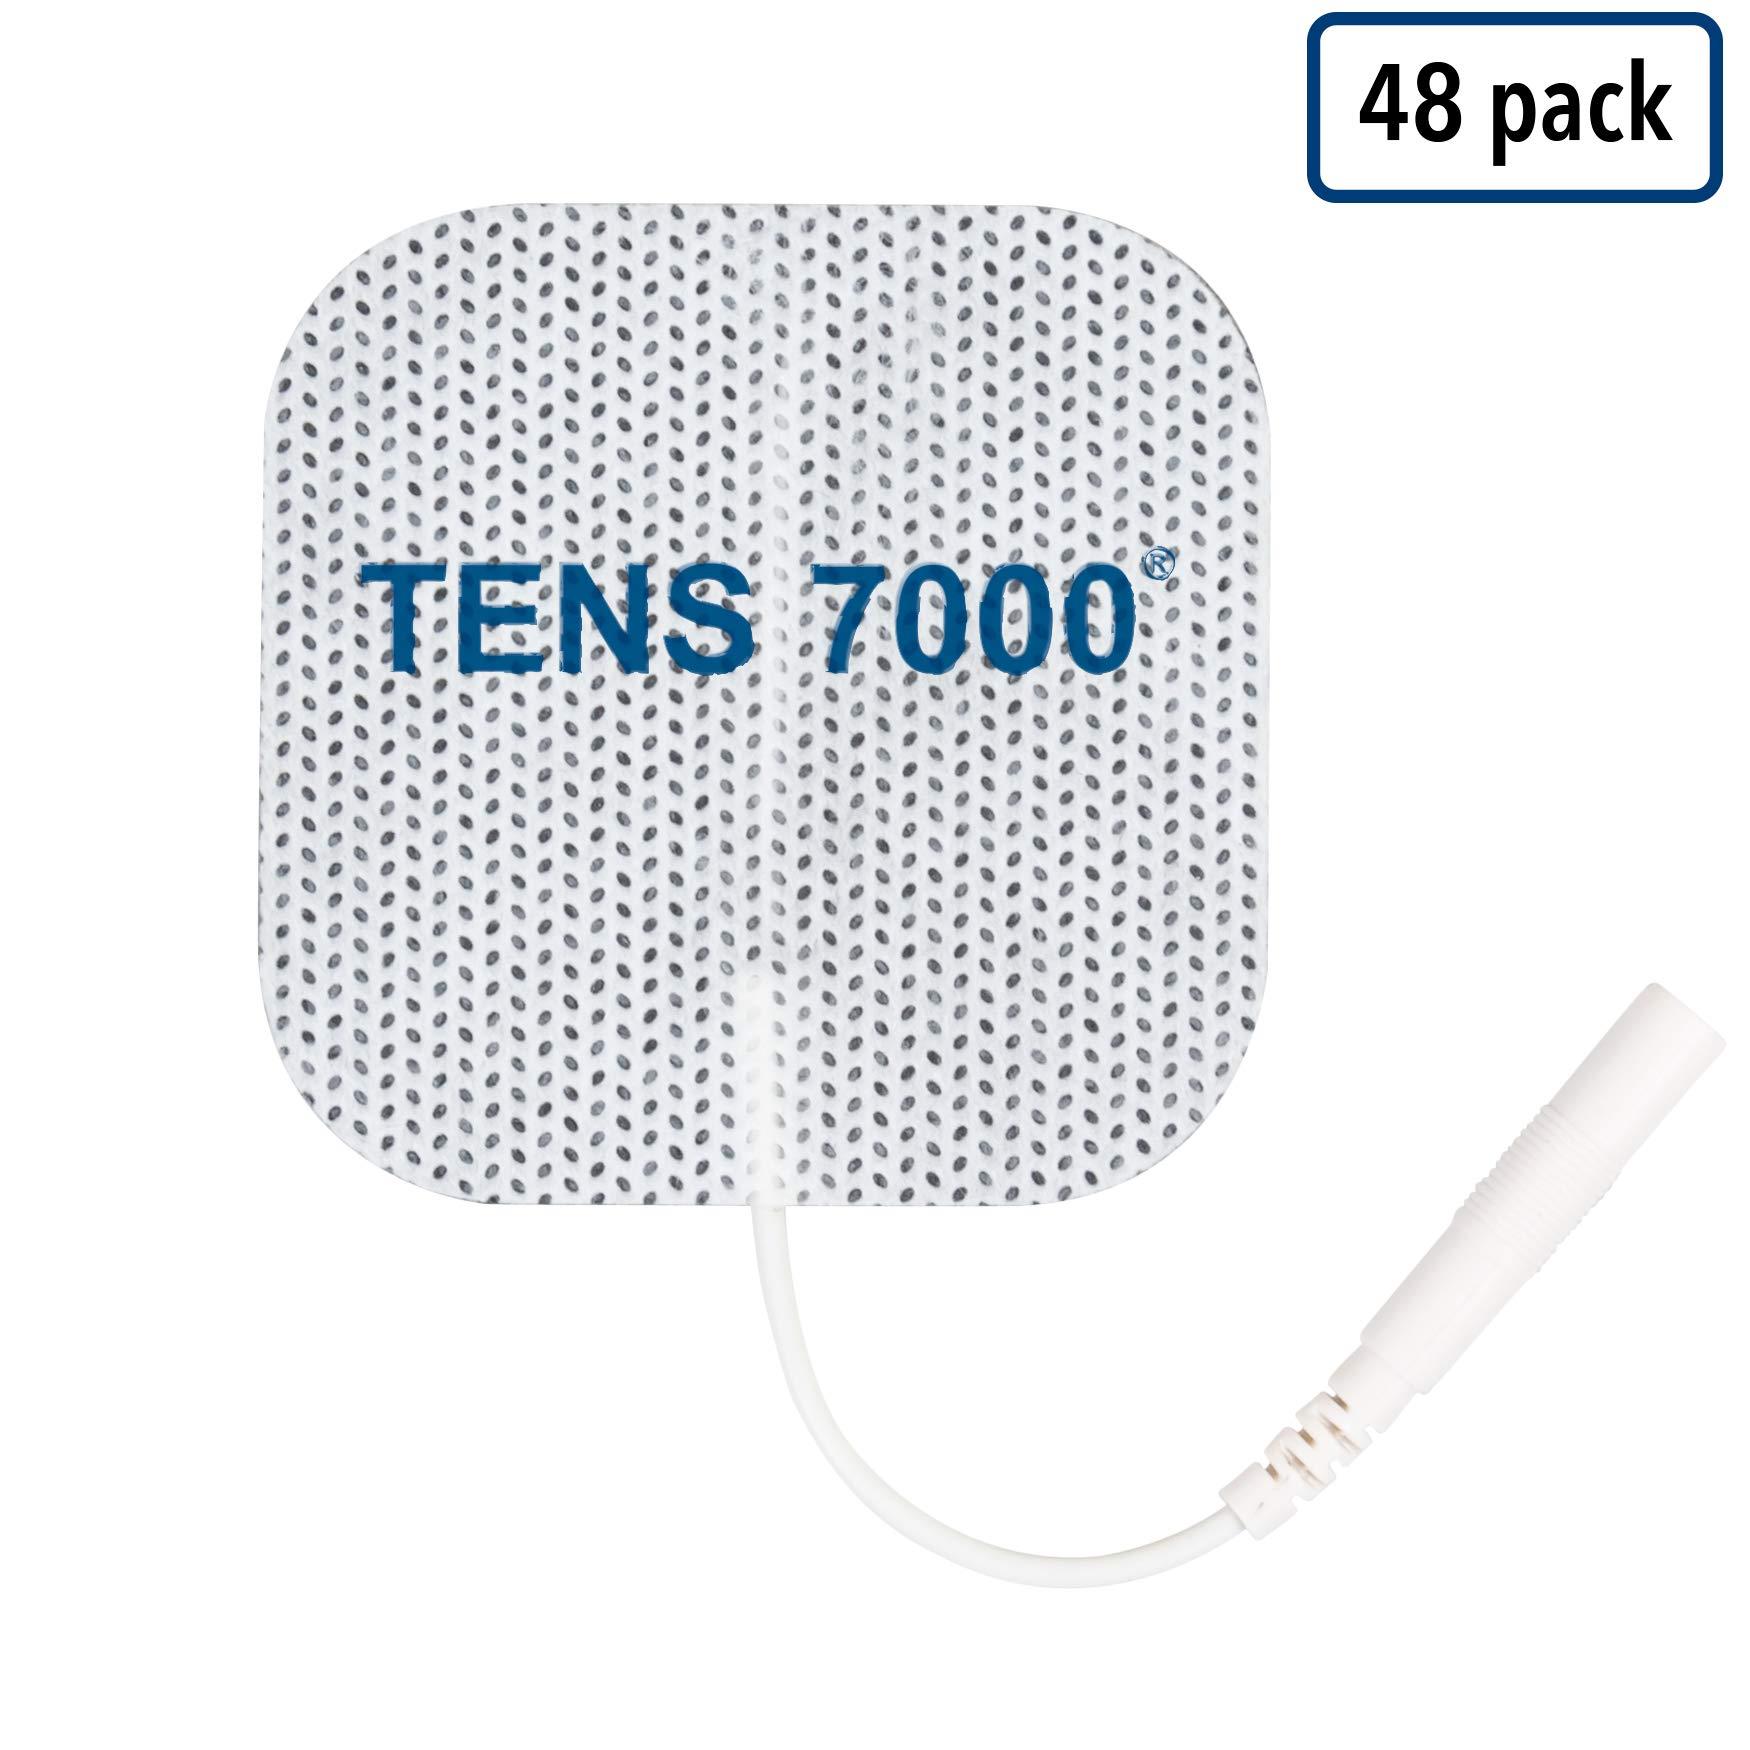 TENS 7000 Official Unit Pads